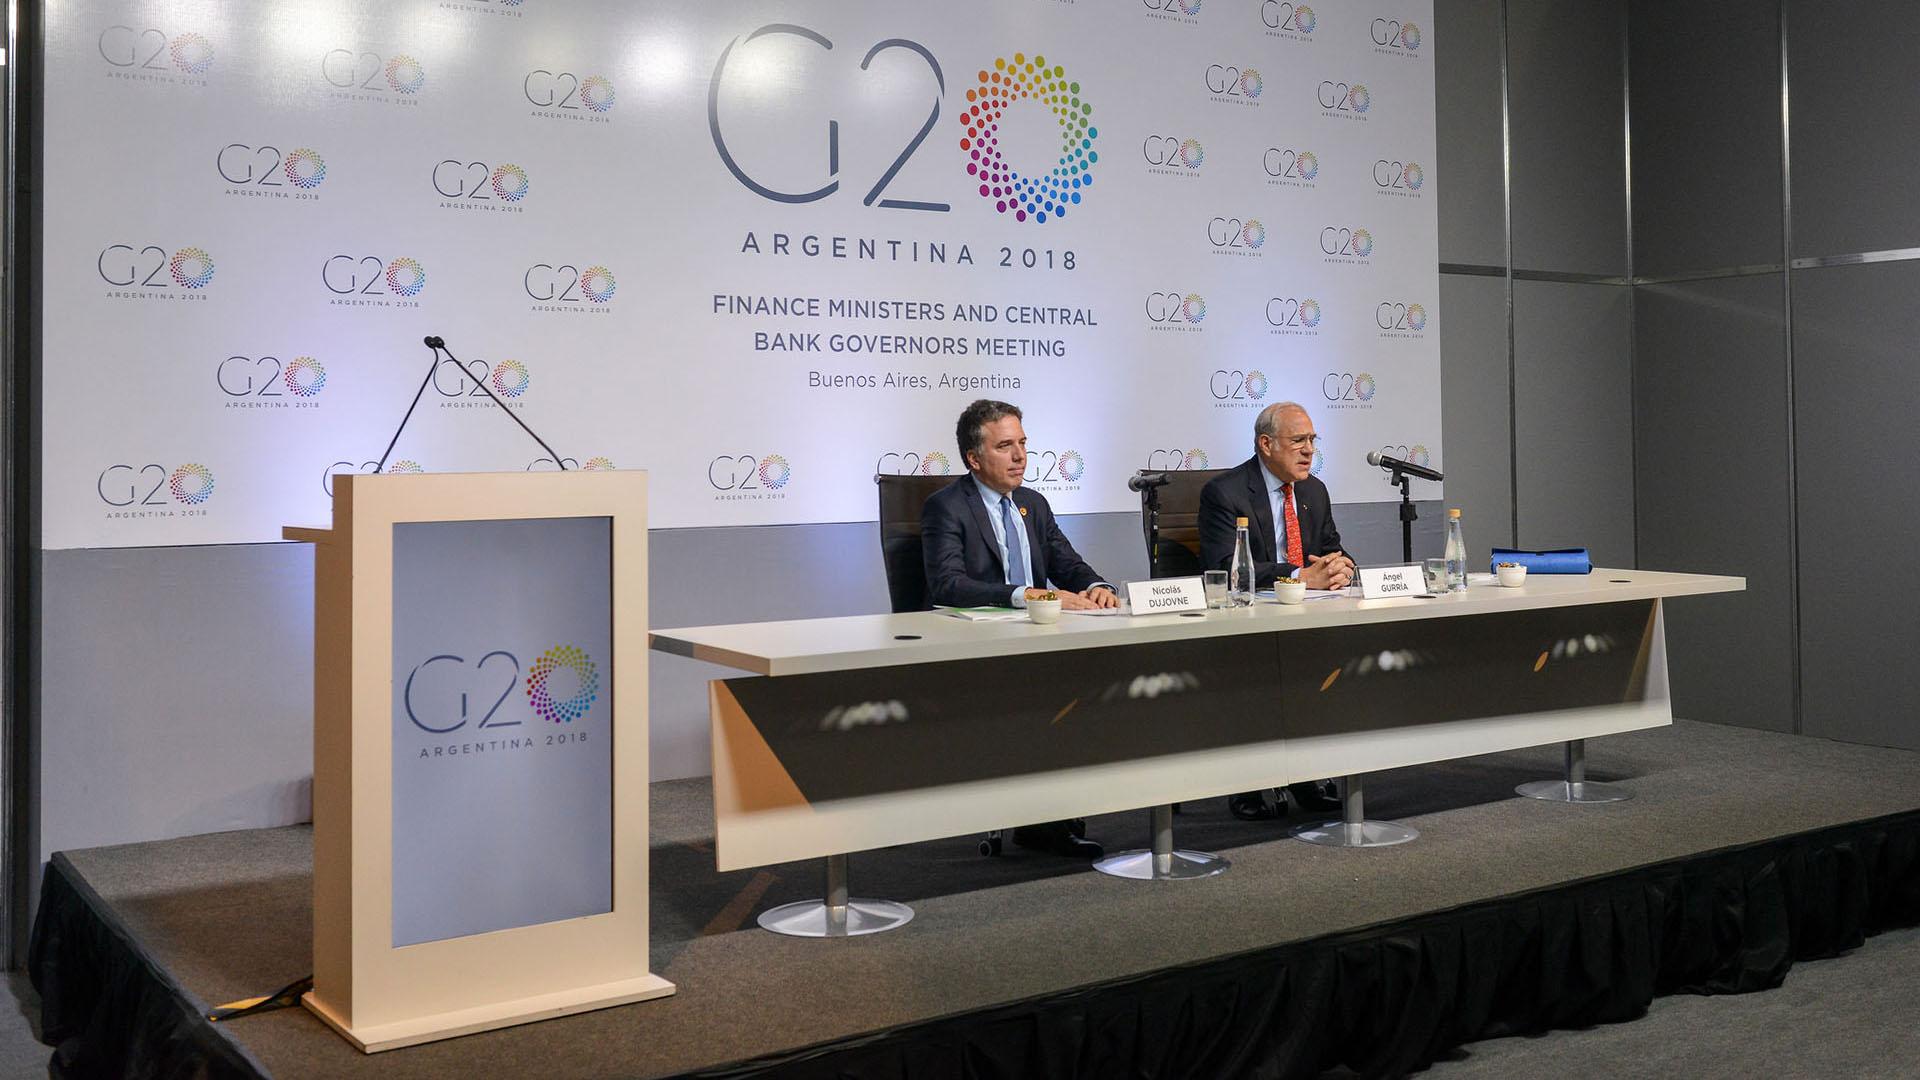 Dujovne con Gurría, secretario general de la OCDE